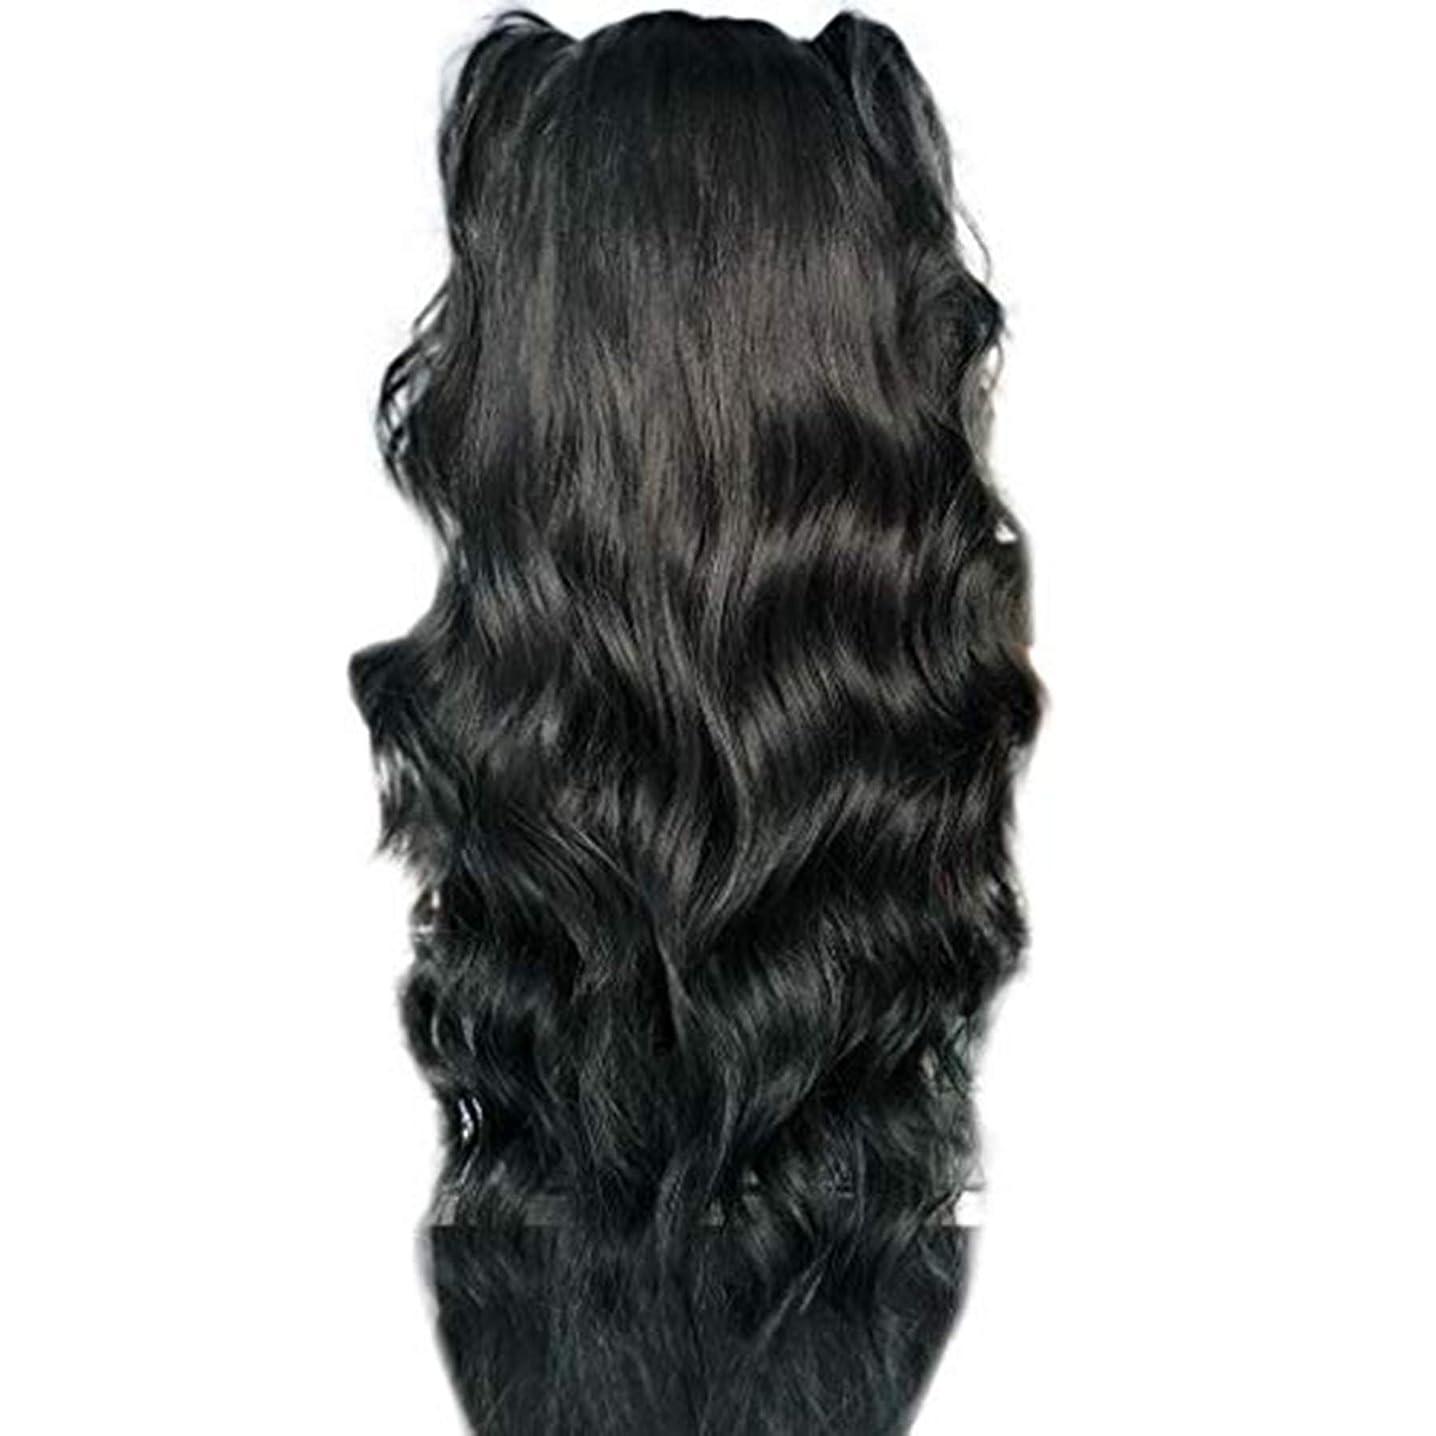 沼地モニター名誉かつら女性長い巻き毛の化学繊維高温シルクフロントレースかつら26インチ